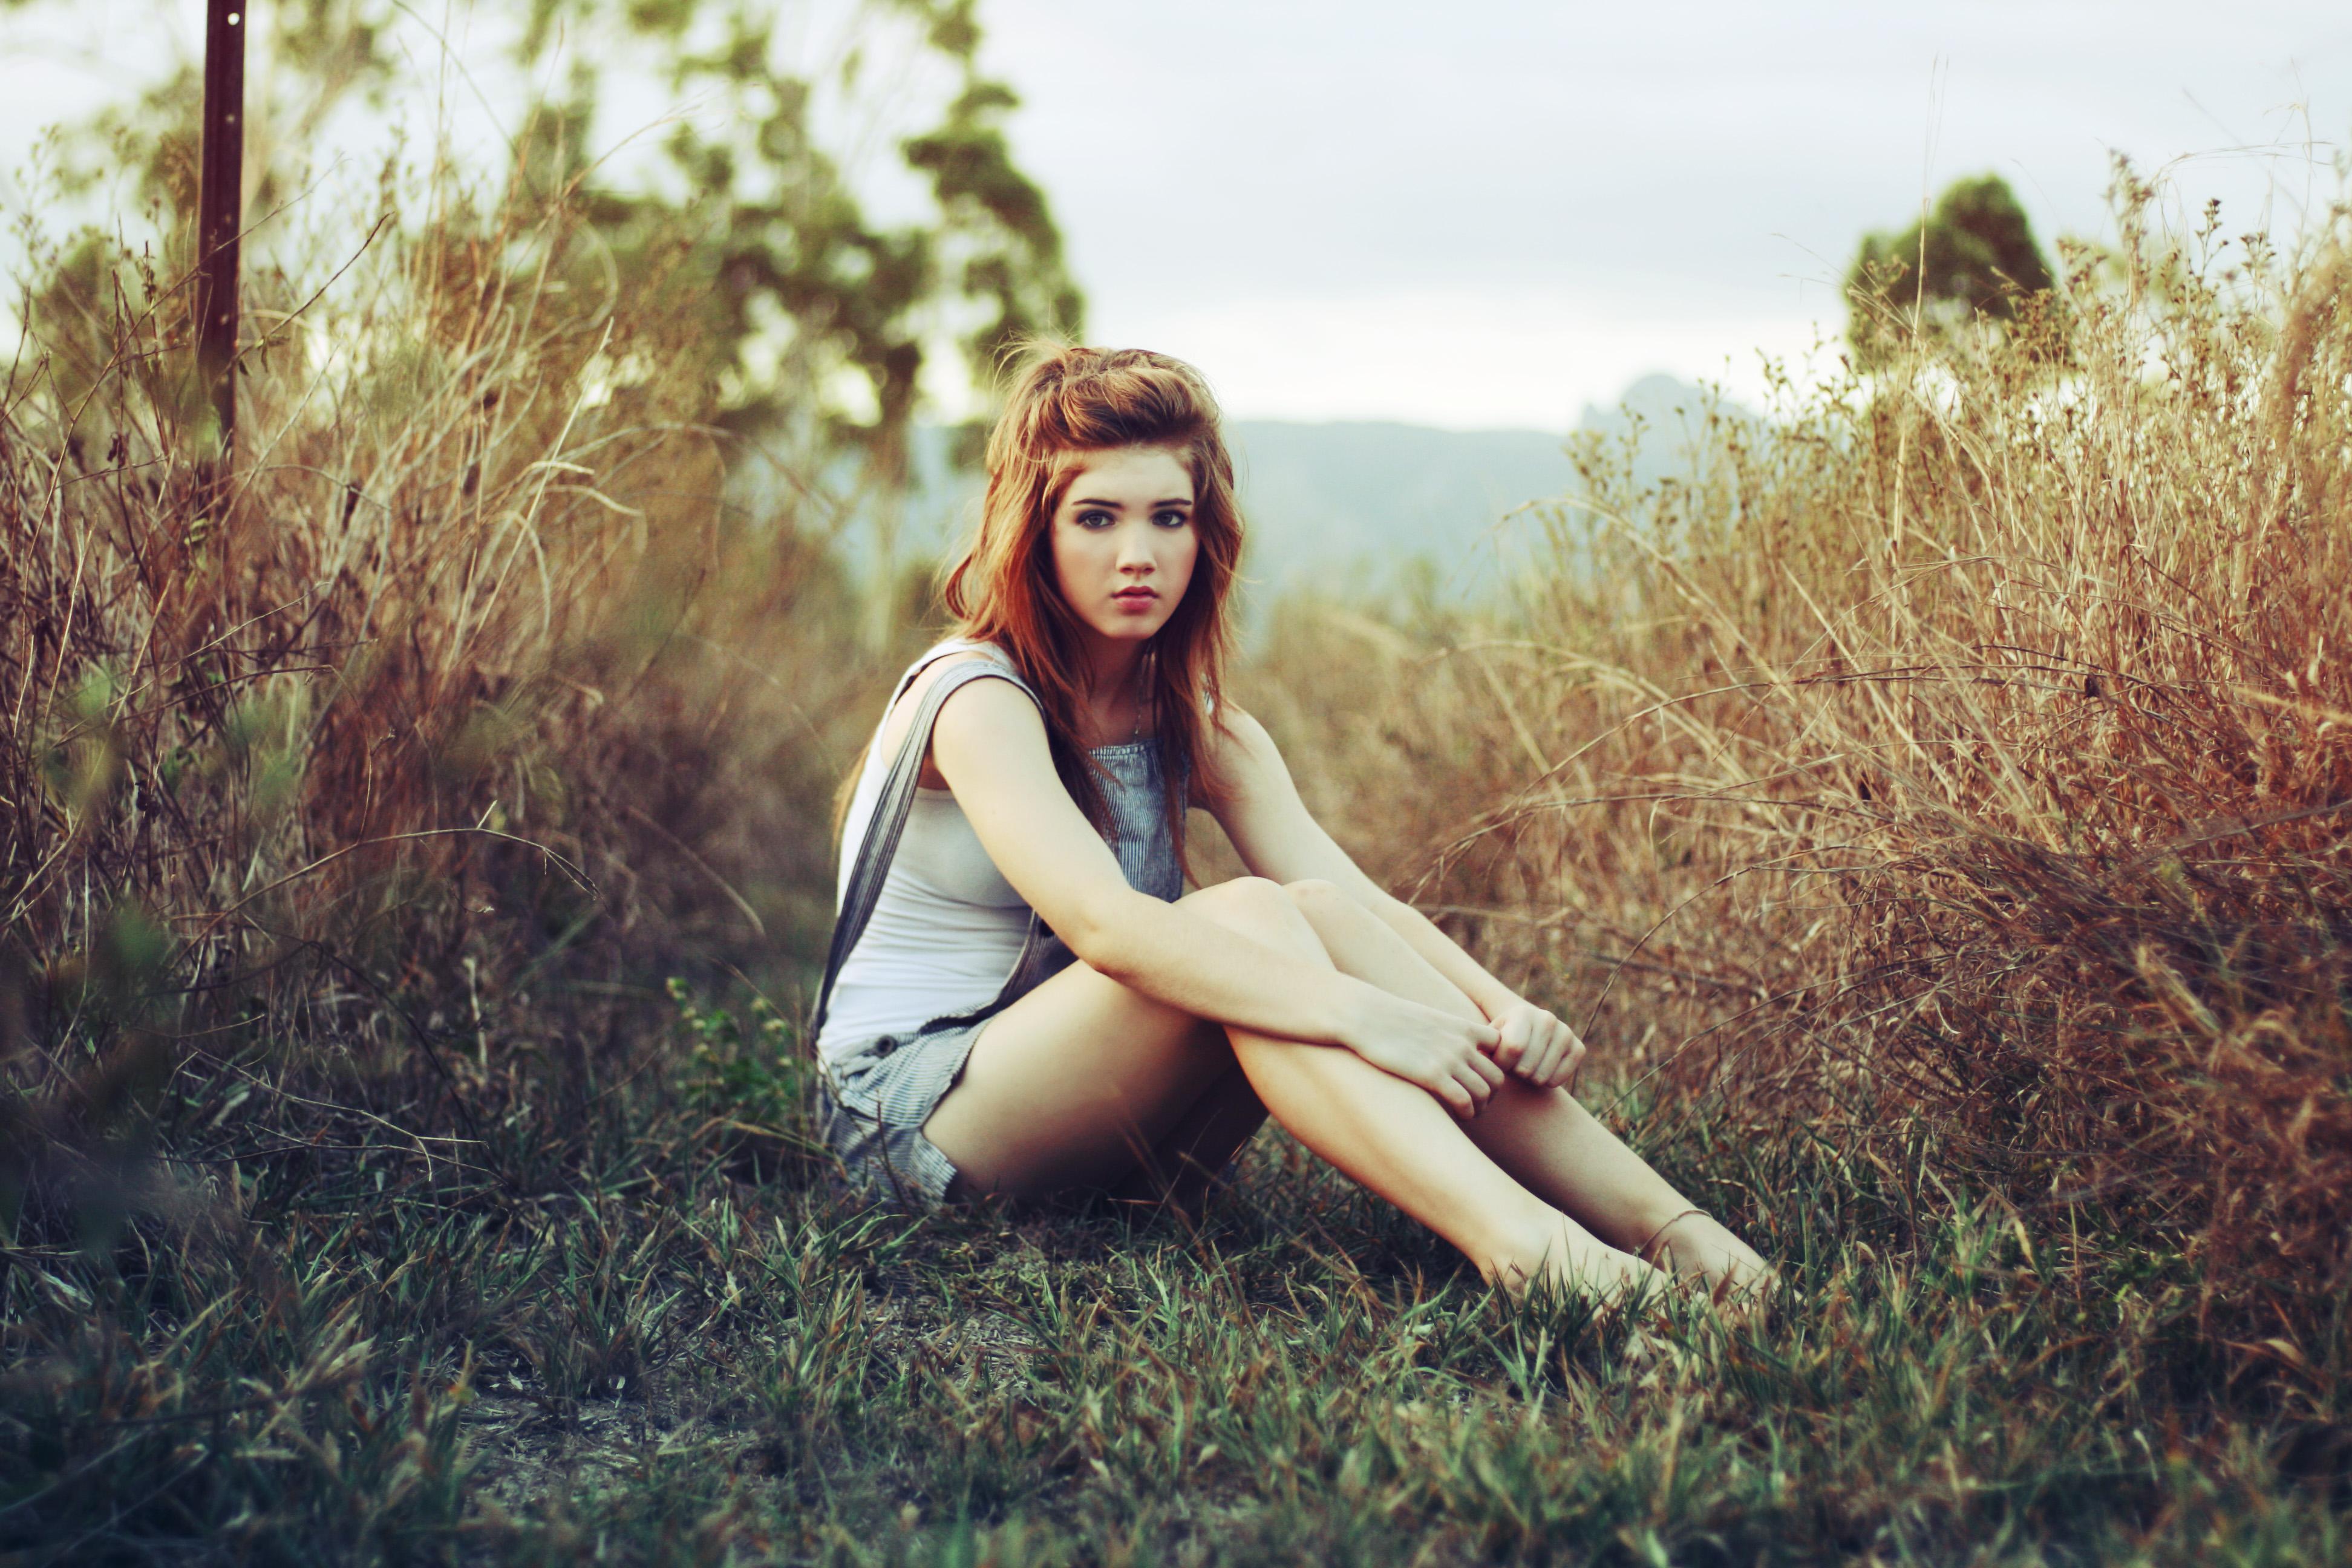 Фото картинки девушек 17 фотография